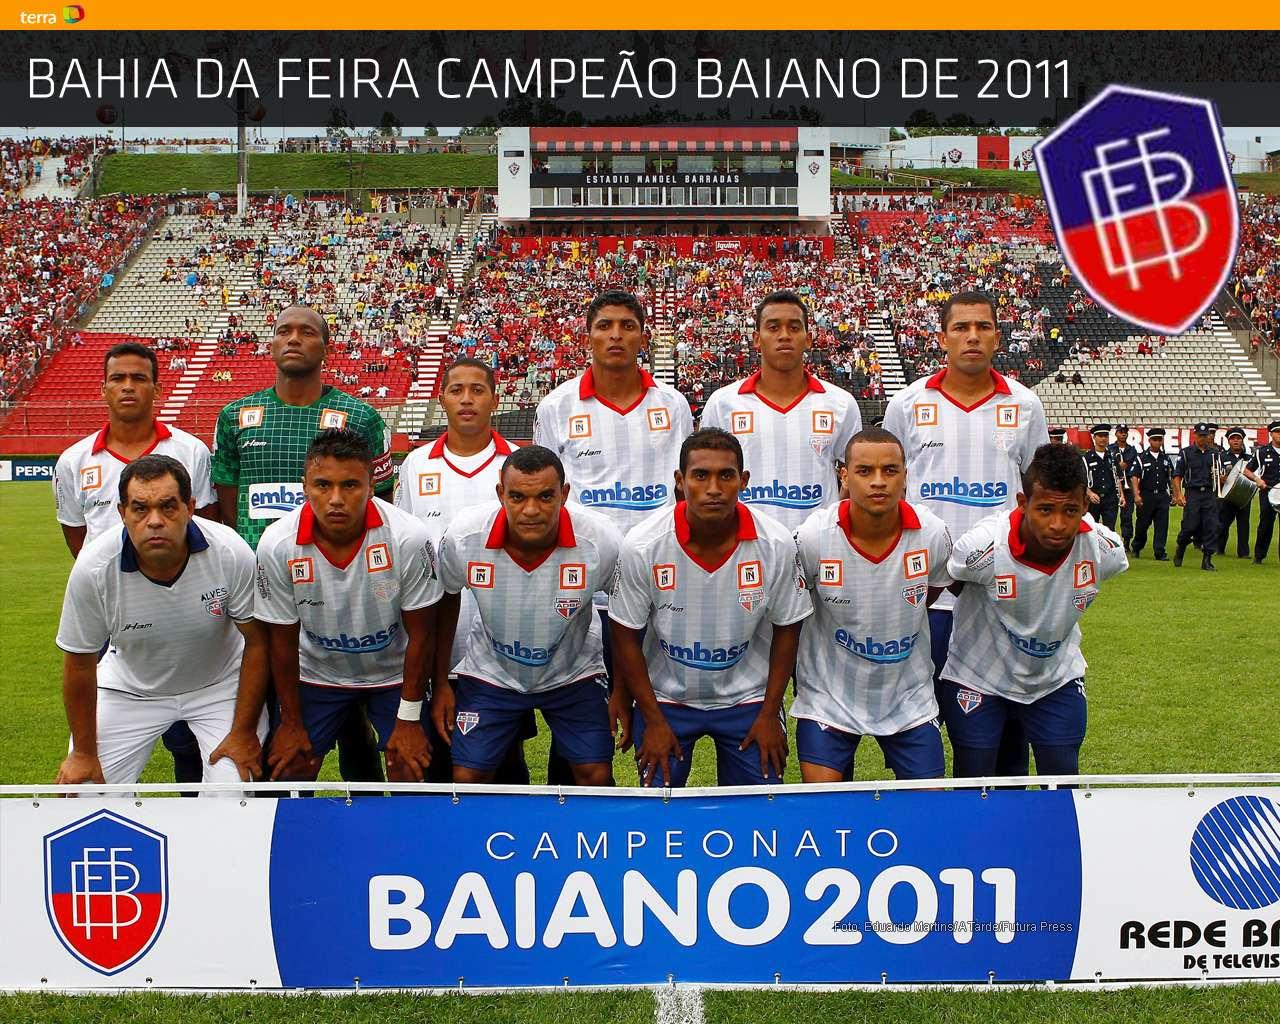 Bahia de Feira campeão